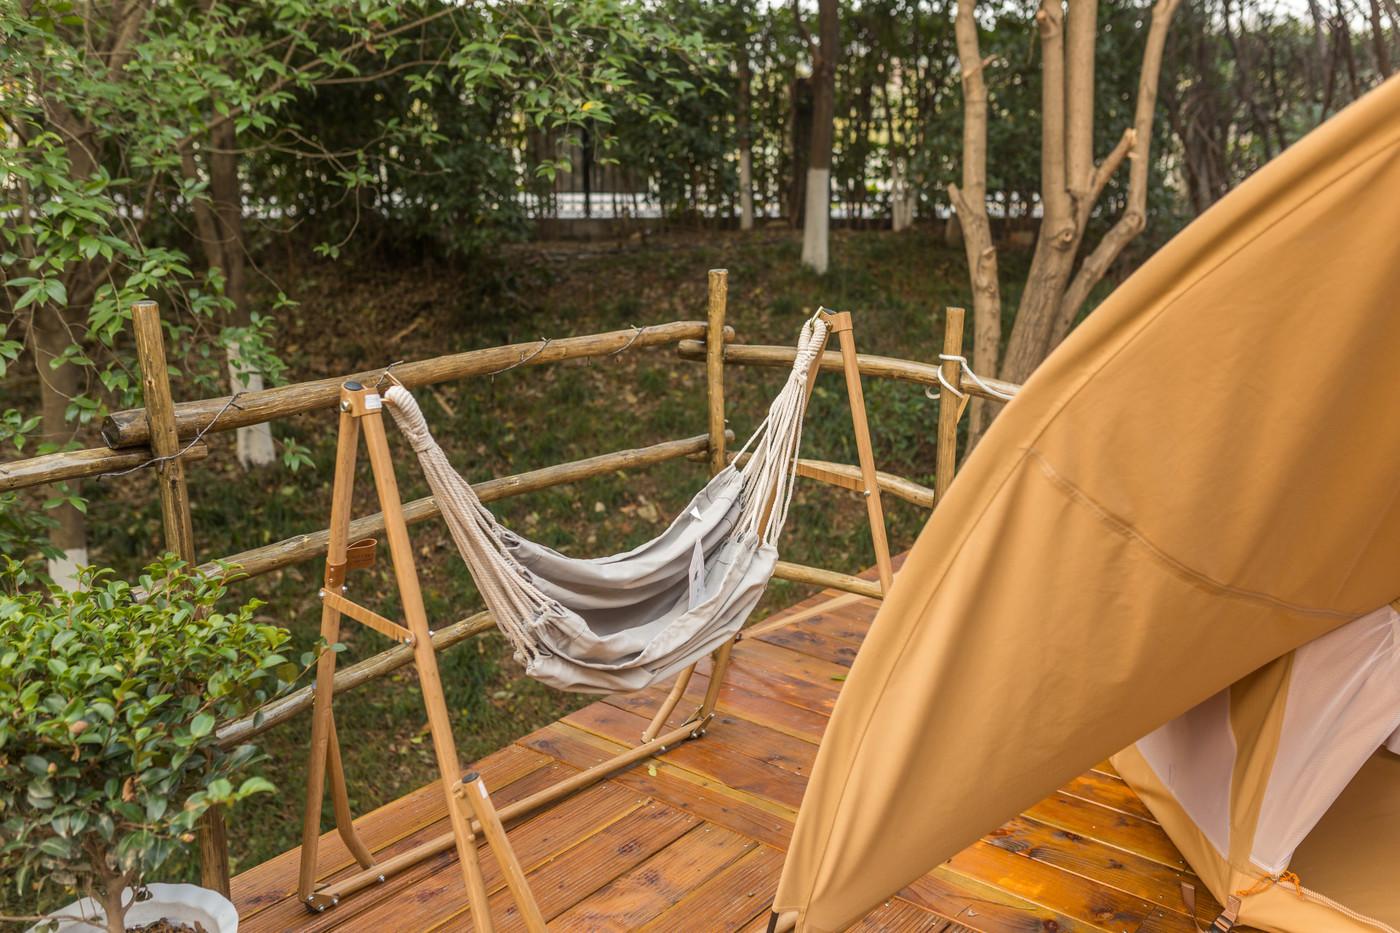 喜马拉雅野奢帐篷酒店—江苏常州天目湖树屋帐篷酒店35